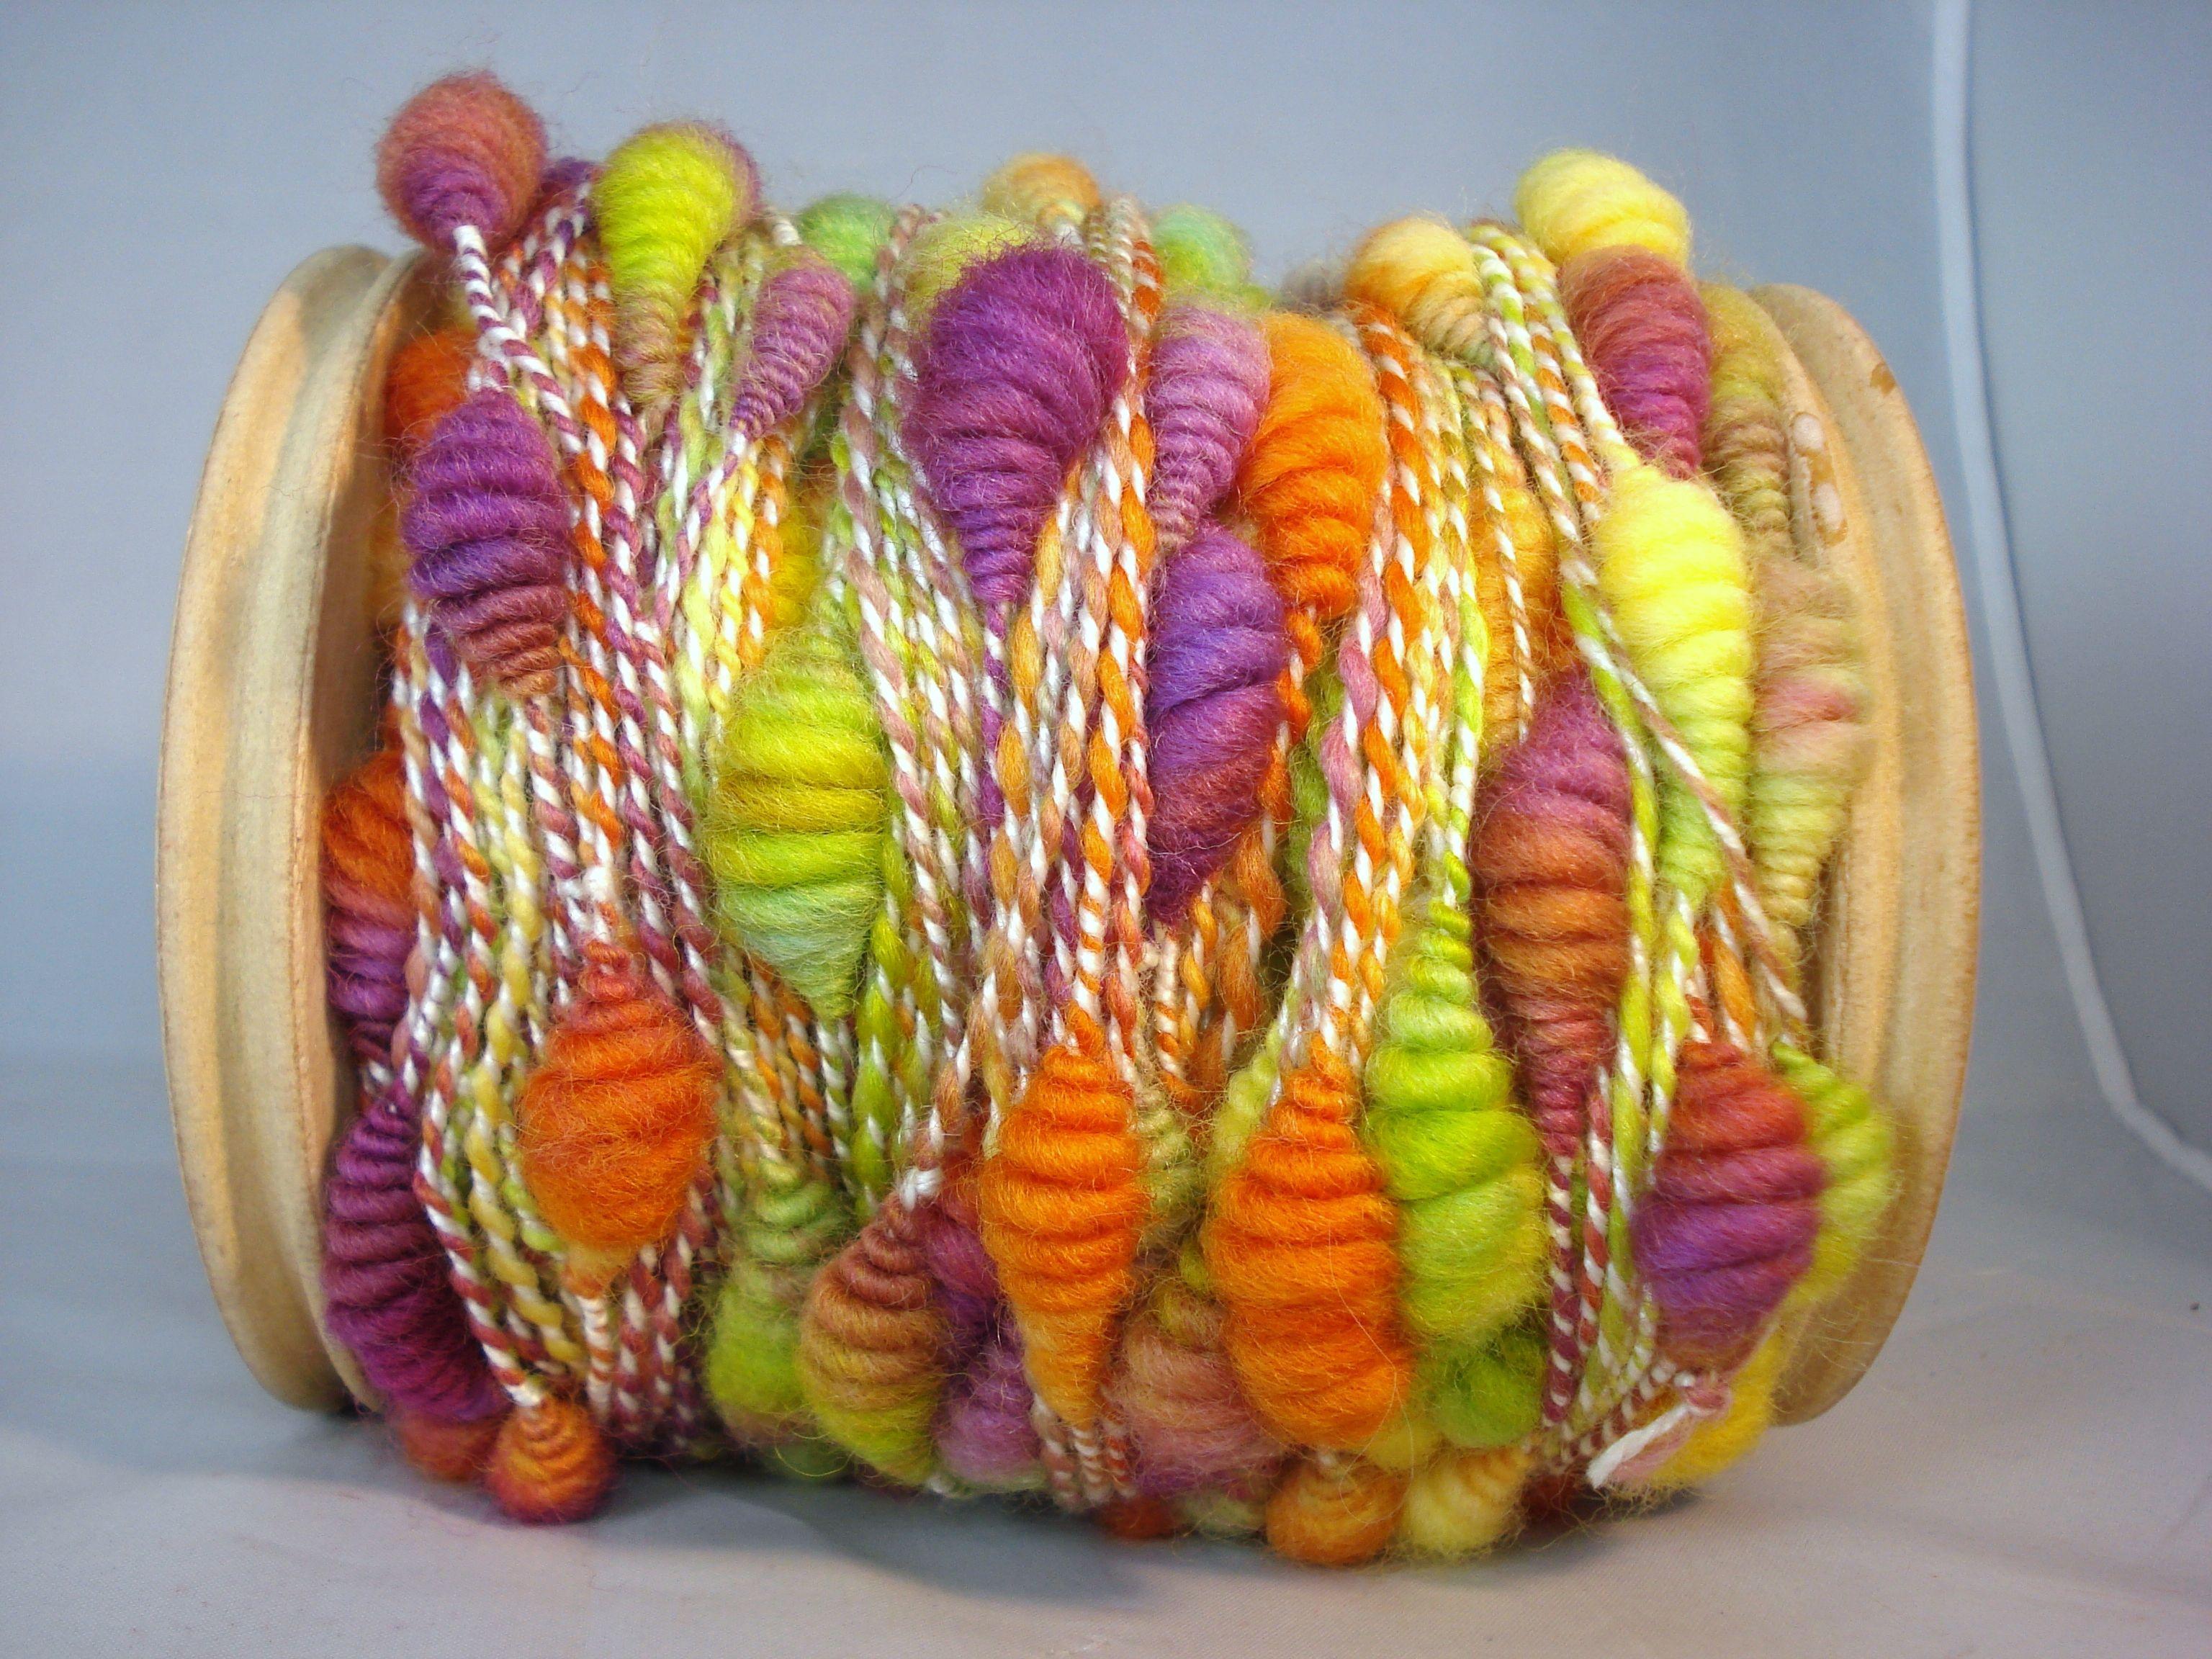 Kathryn Benavides Hand Spun Yarn Tutti Fruiti Coils